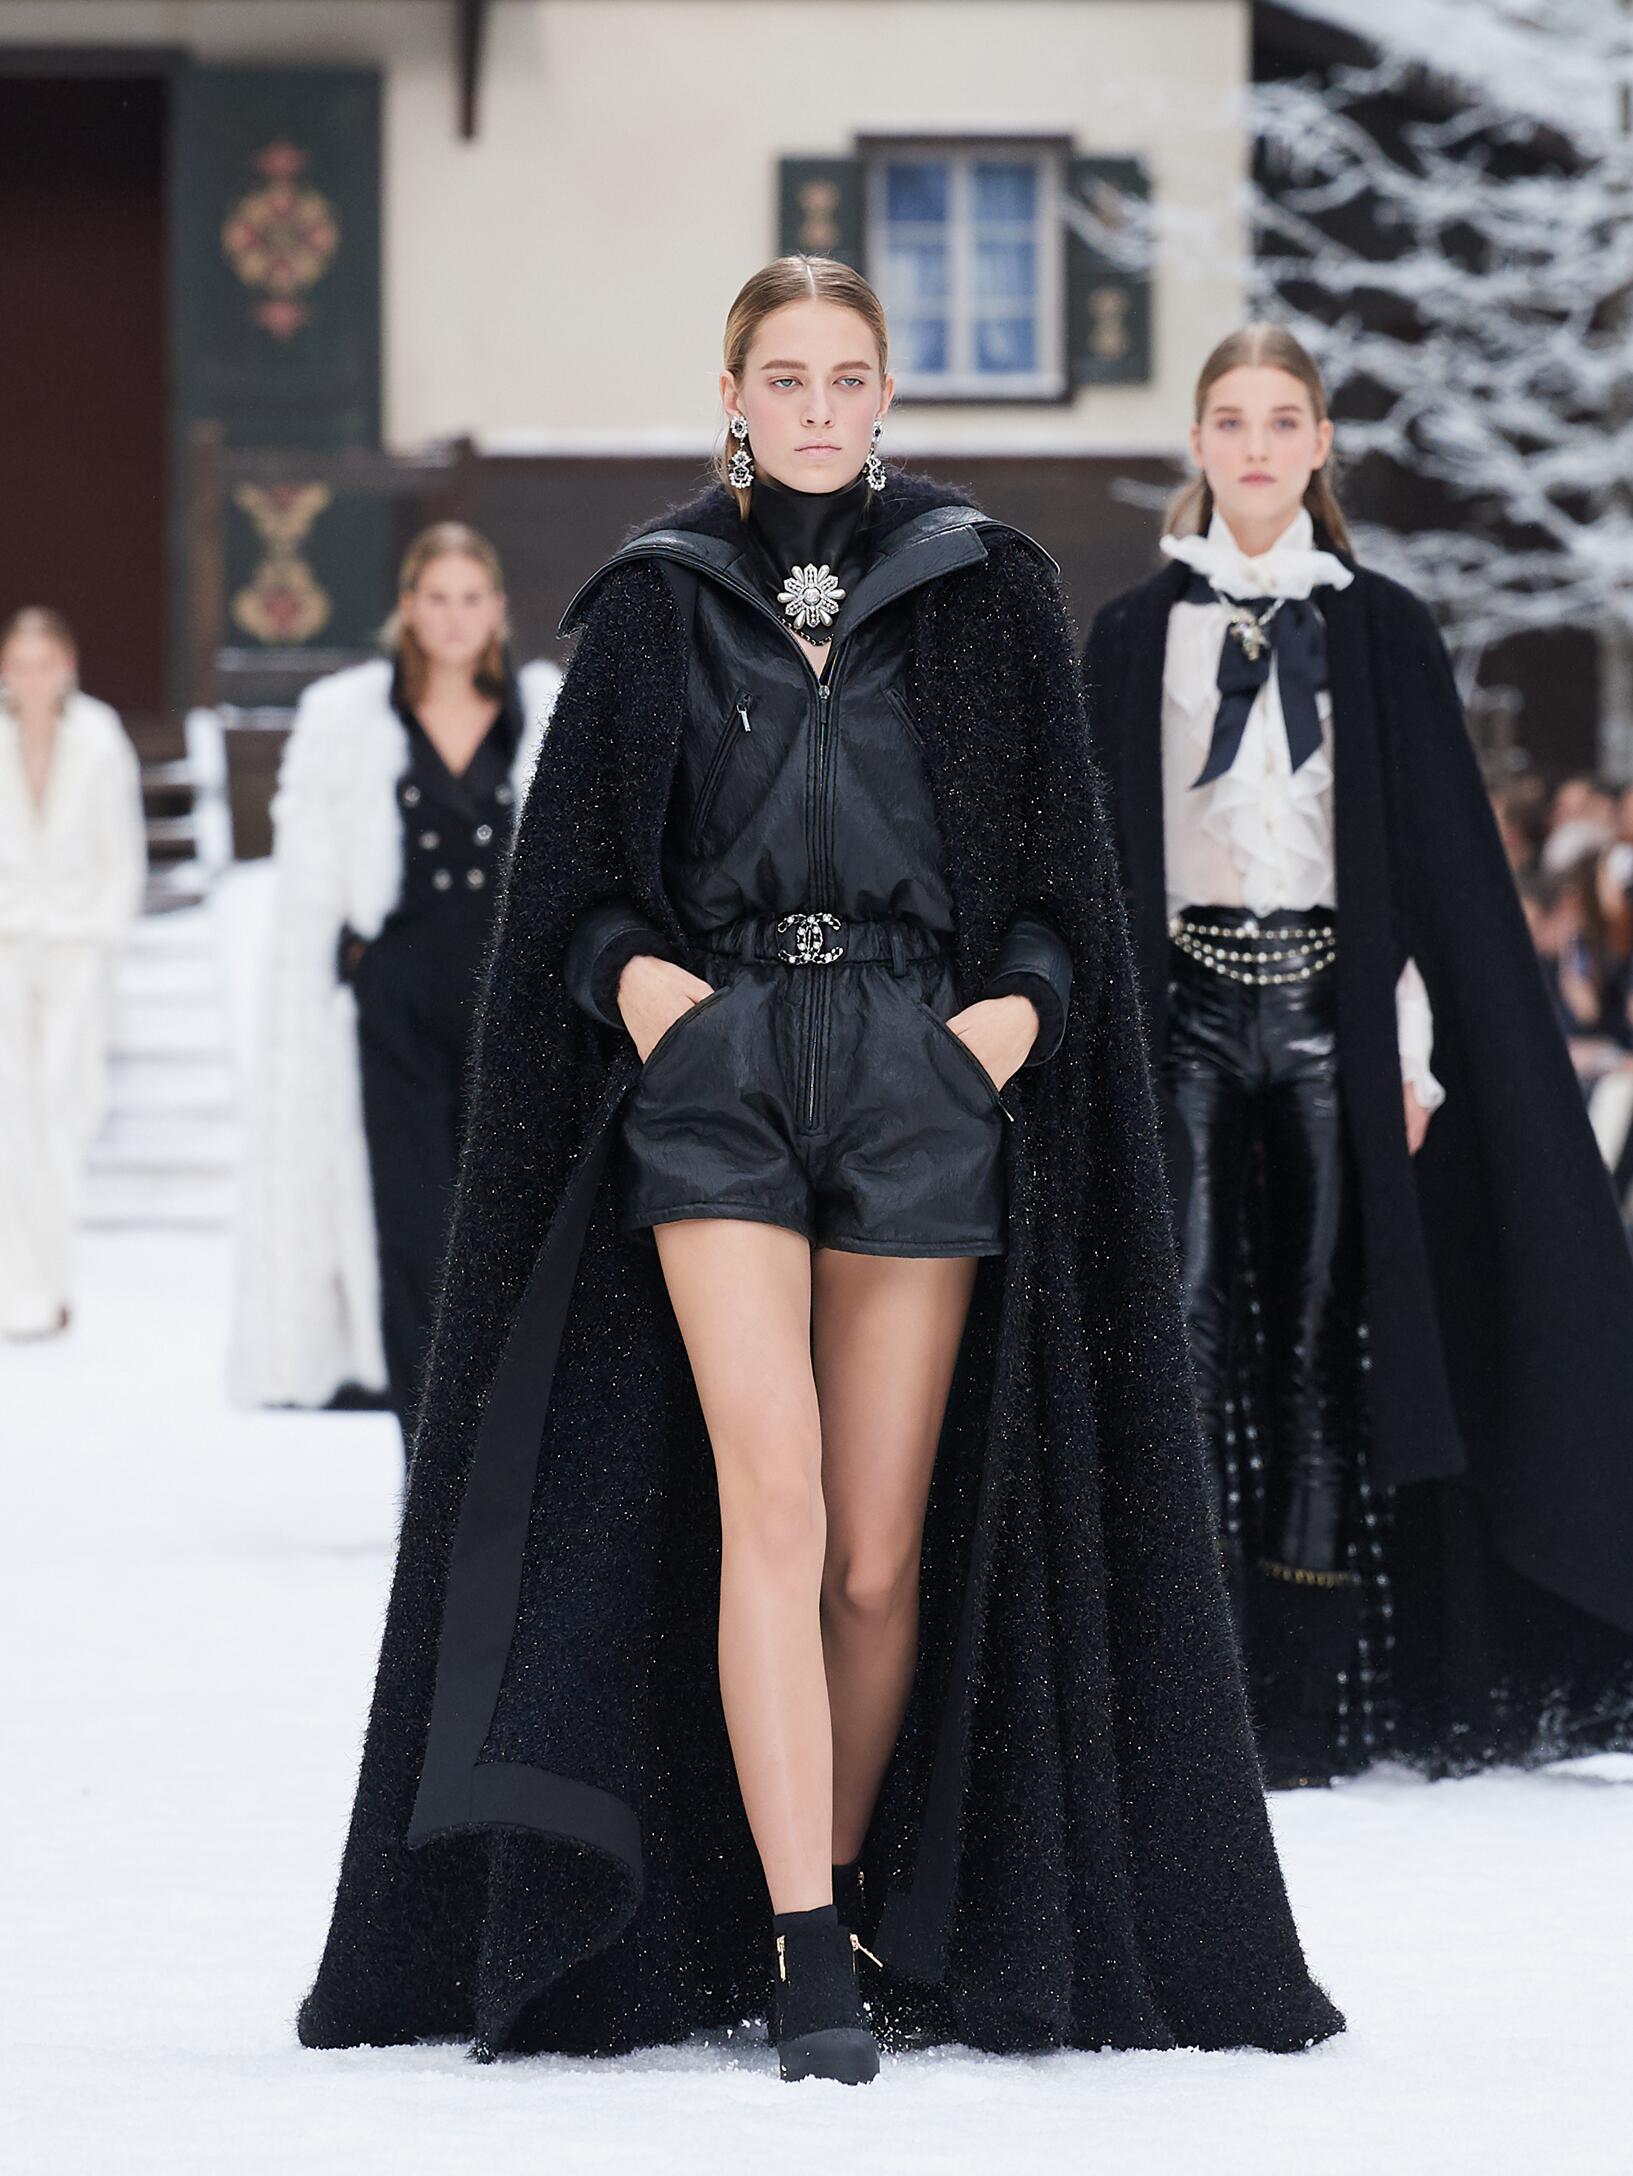 Fashion Week 2019 Catwalk Chanel